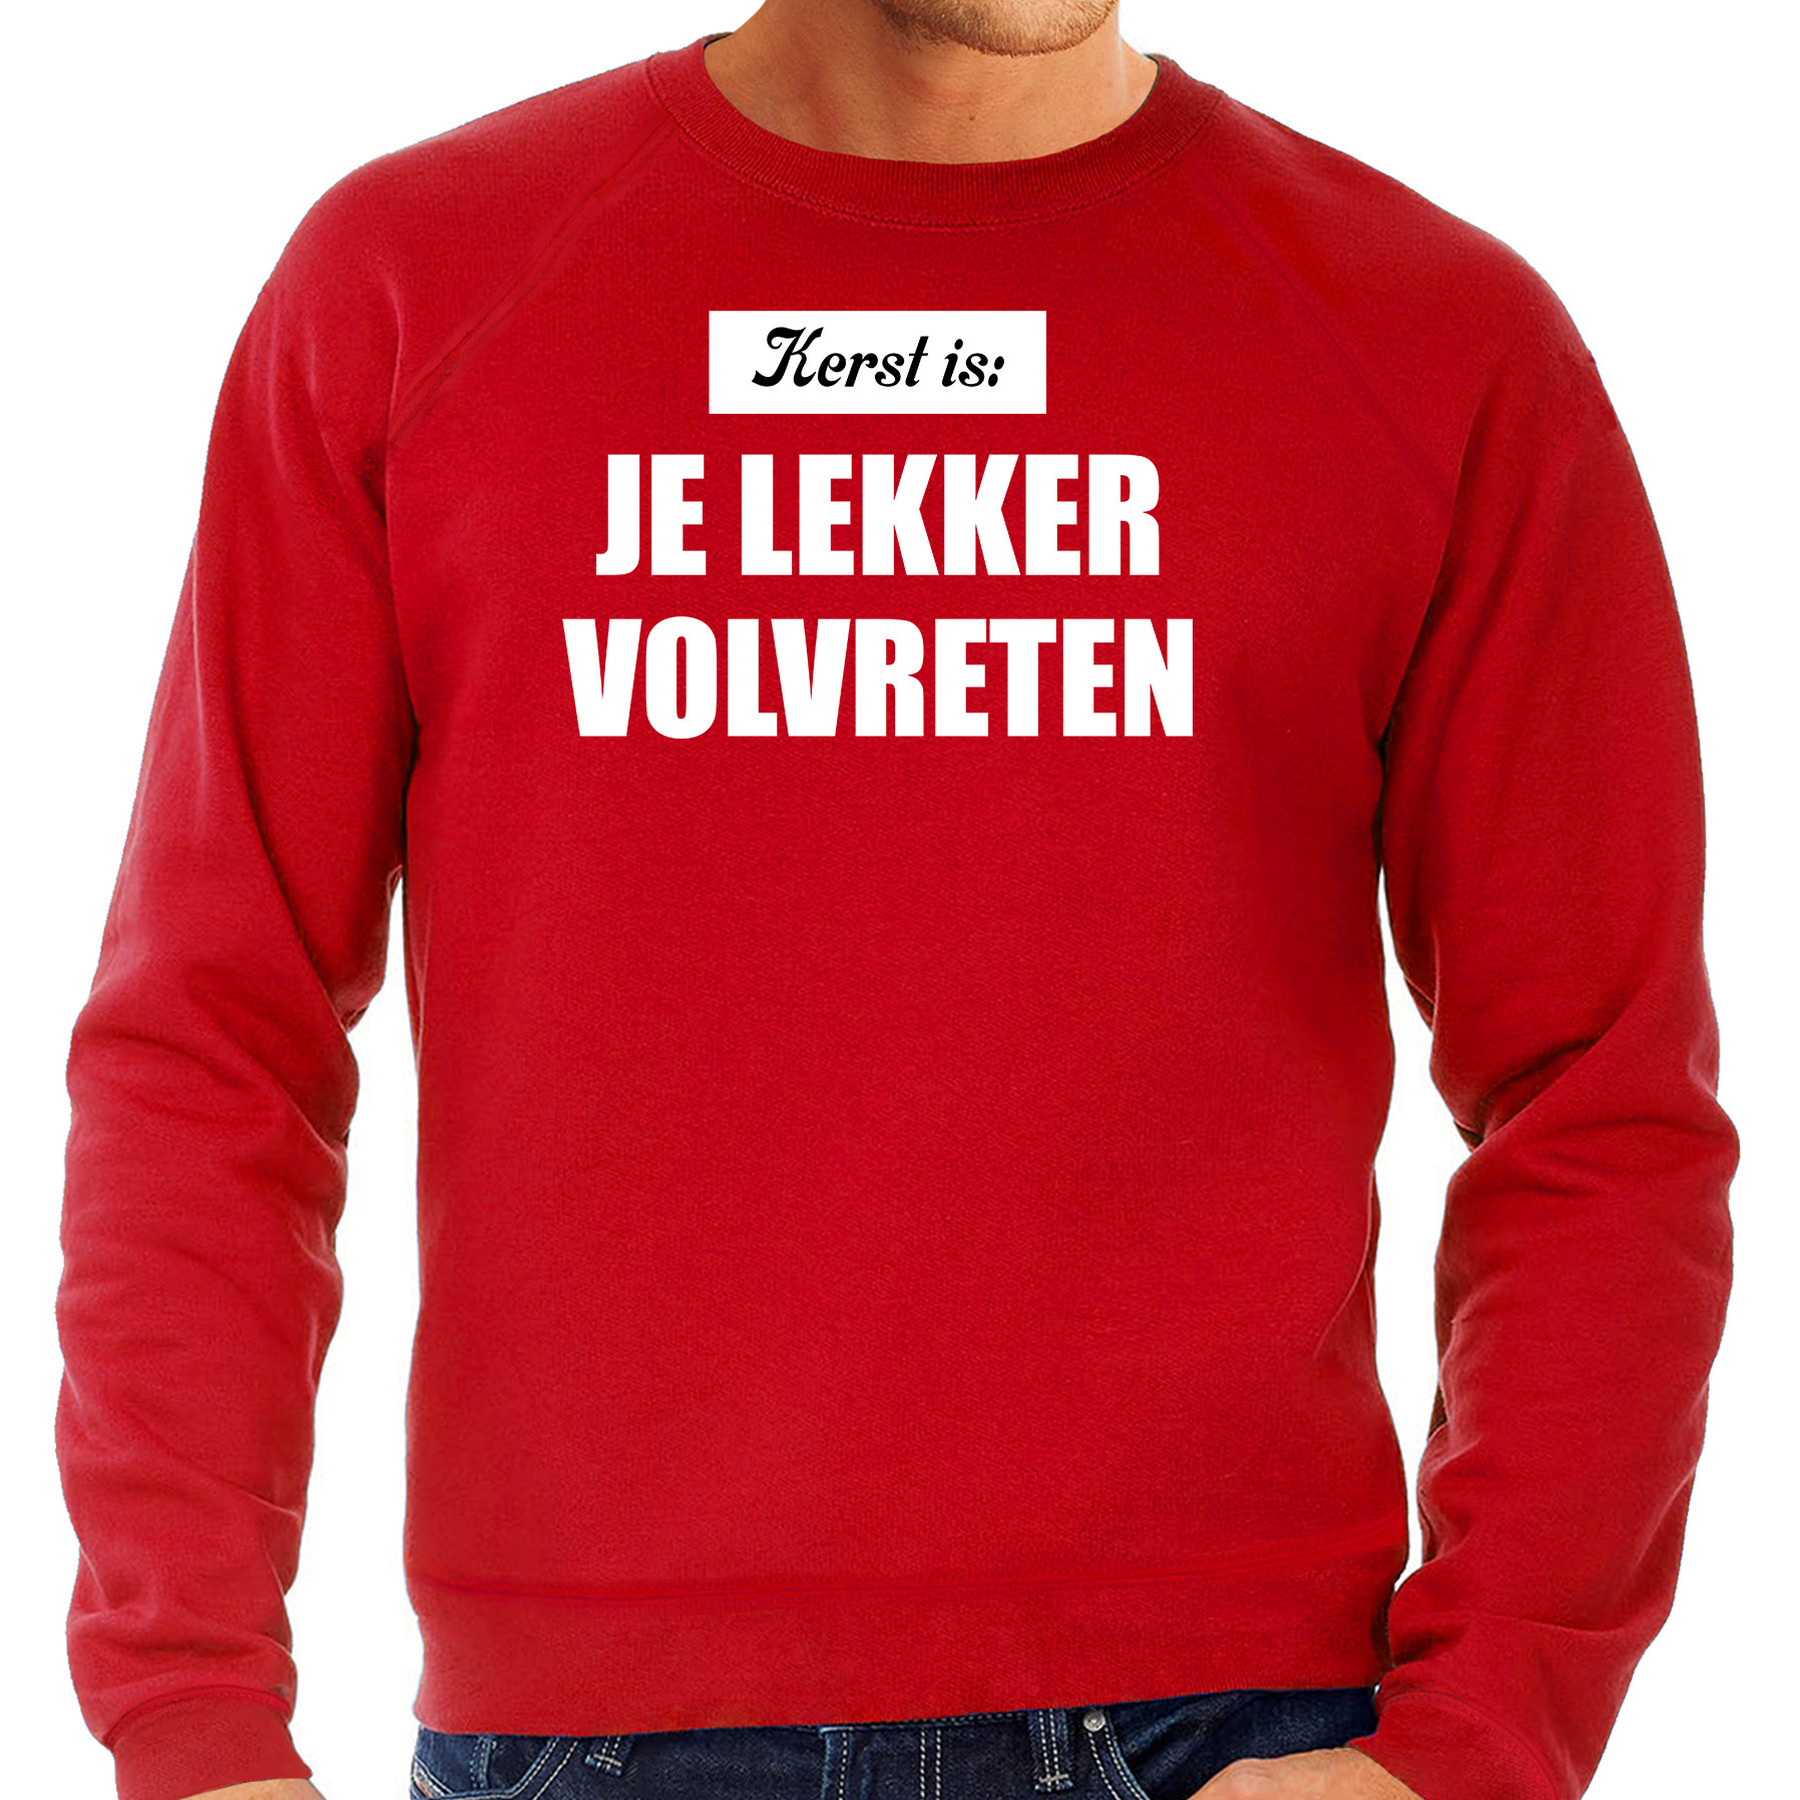 Grote maten rode Kerstsweater - Kerstkleding Kerst is: je lekker volvreten voor heren 3XL (58) -